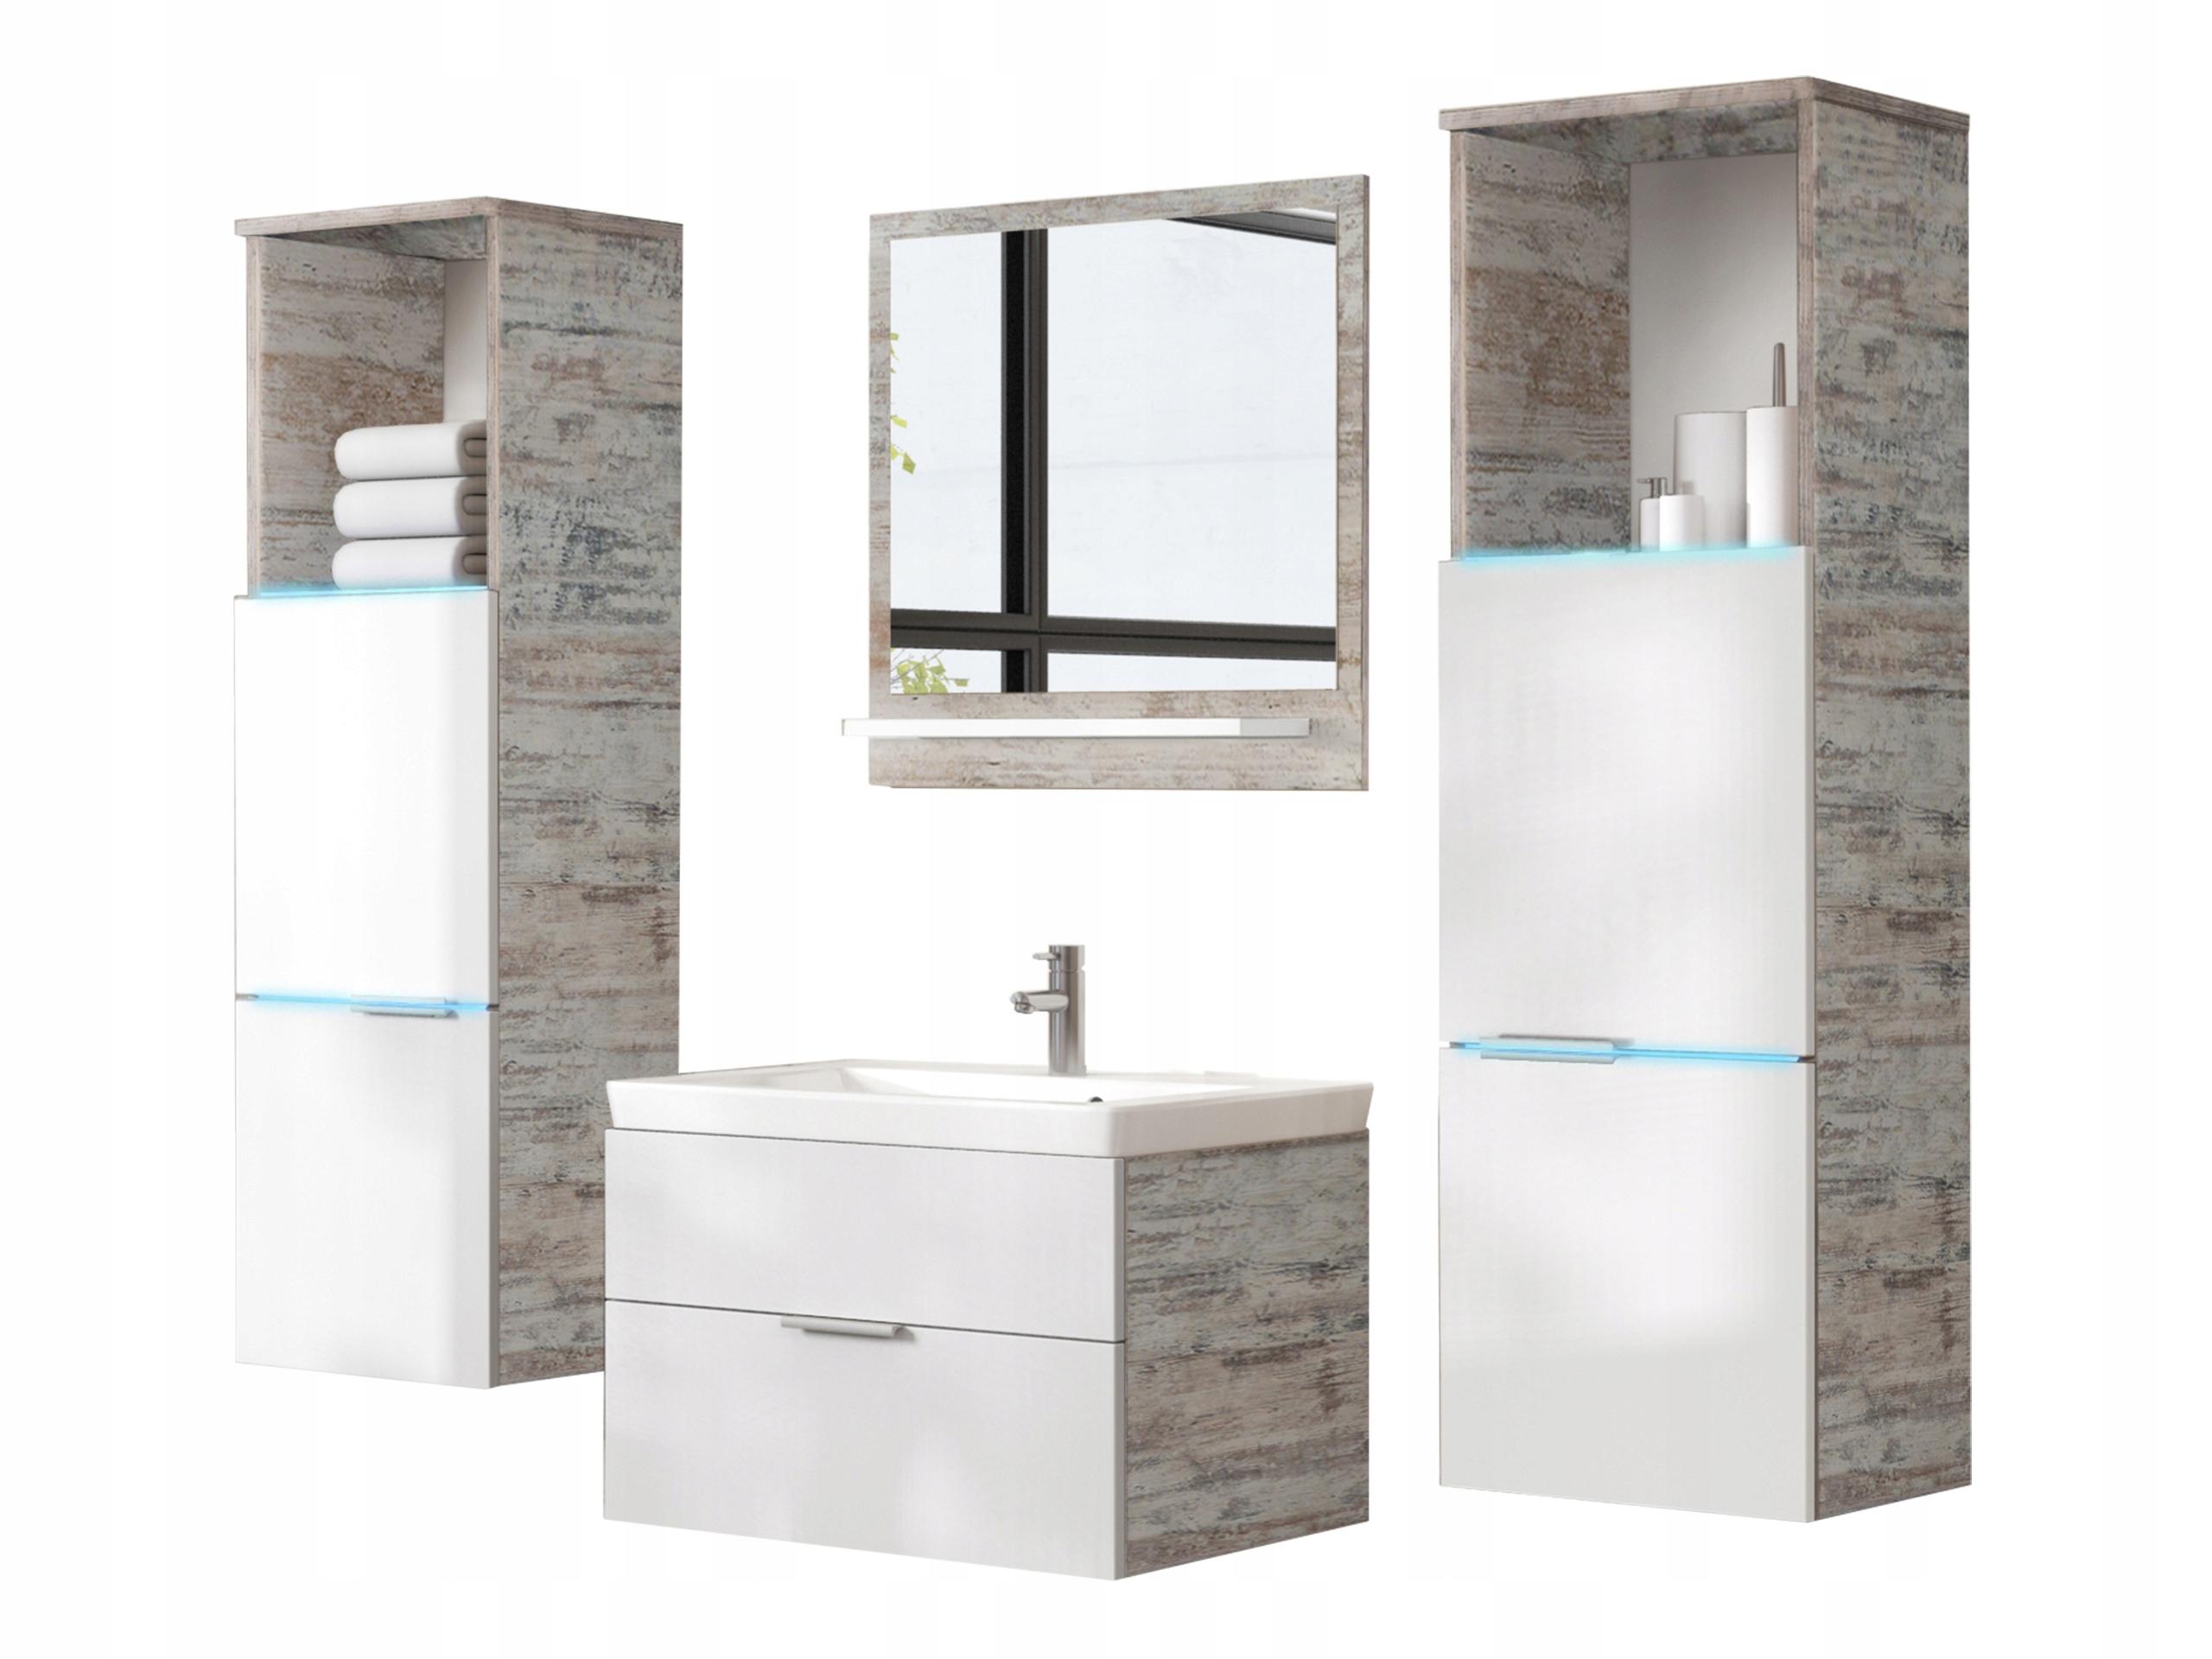 Agata Meble łazienkowe łazienka Meble Z Led Rgb 7622987845